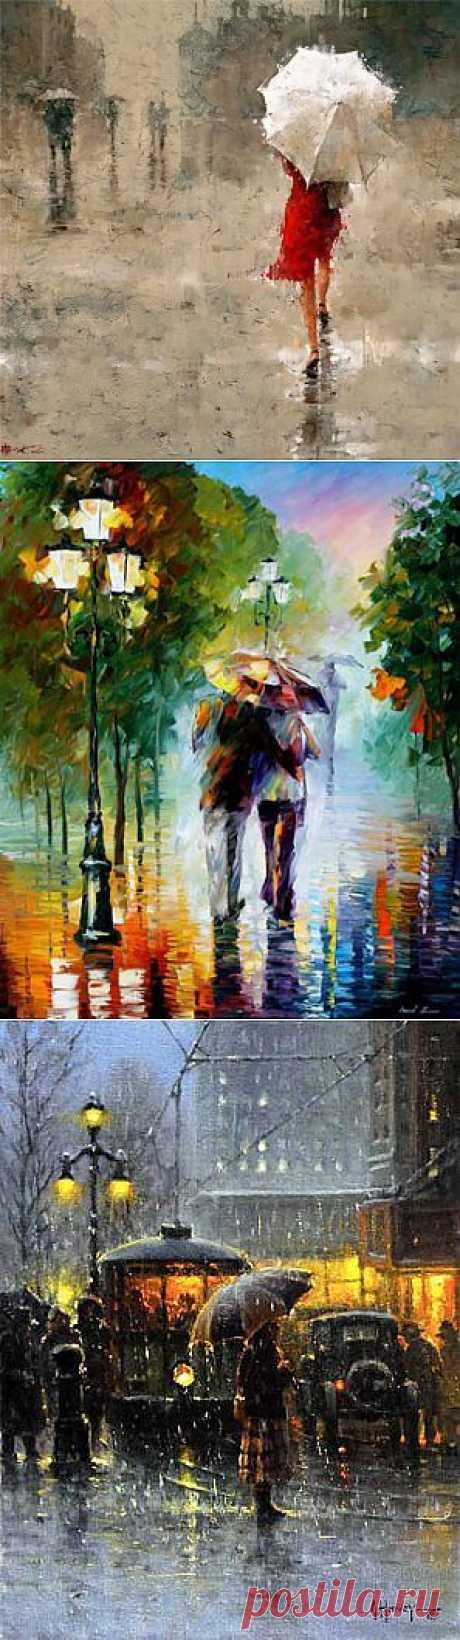 (+1) - =Она уходила в дождь...= | Искусство